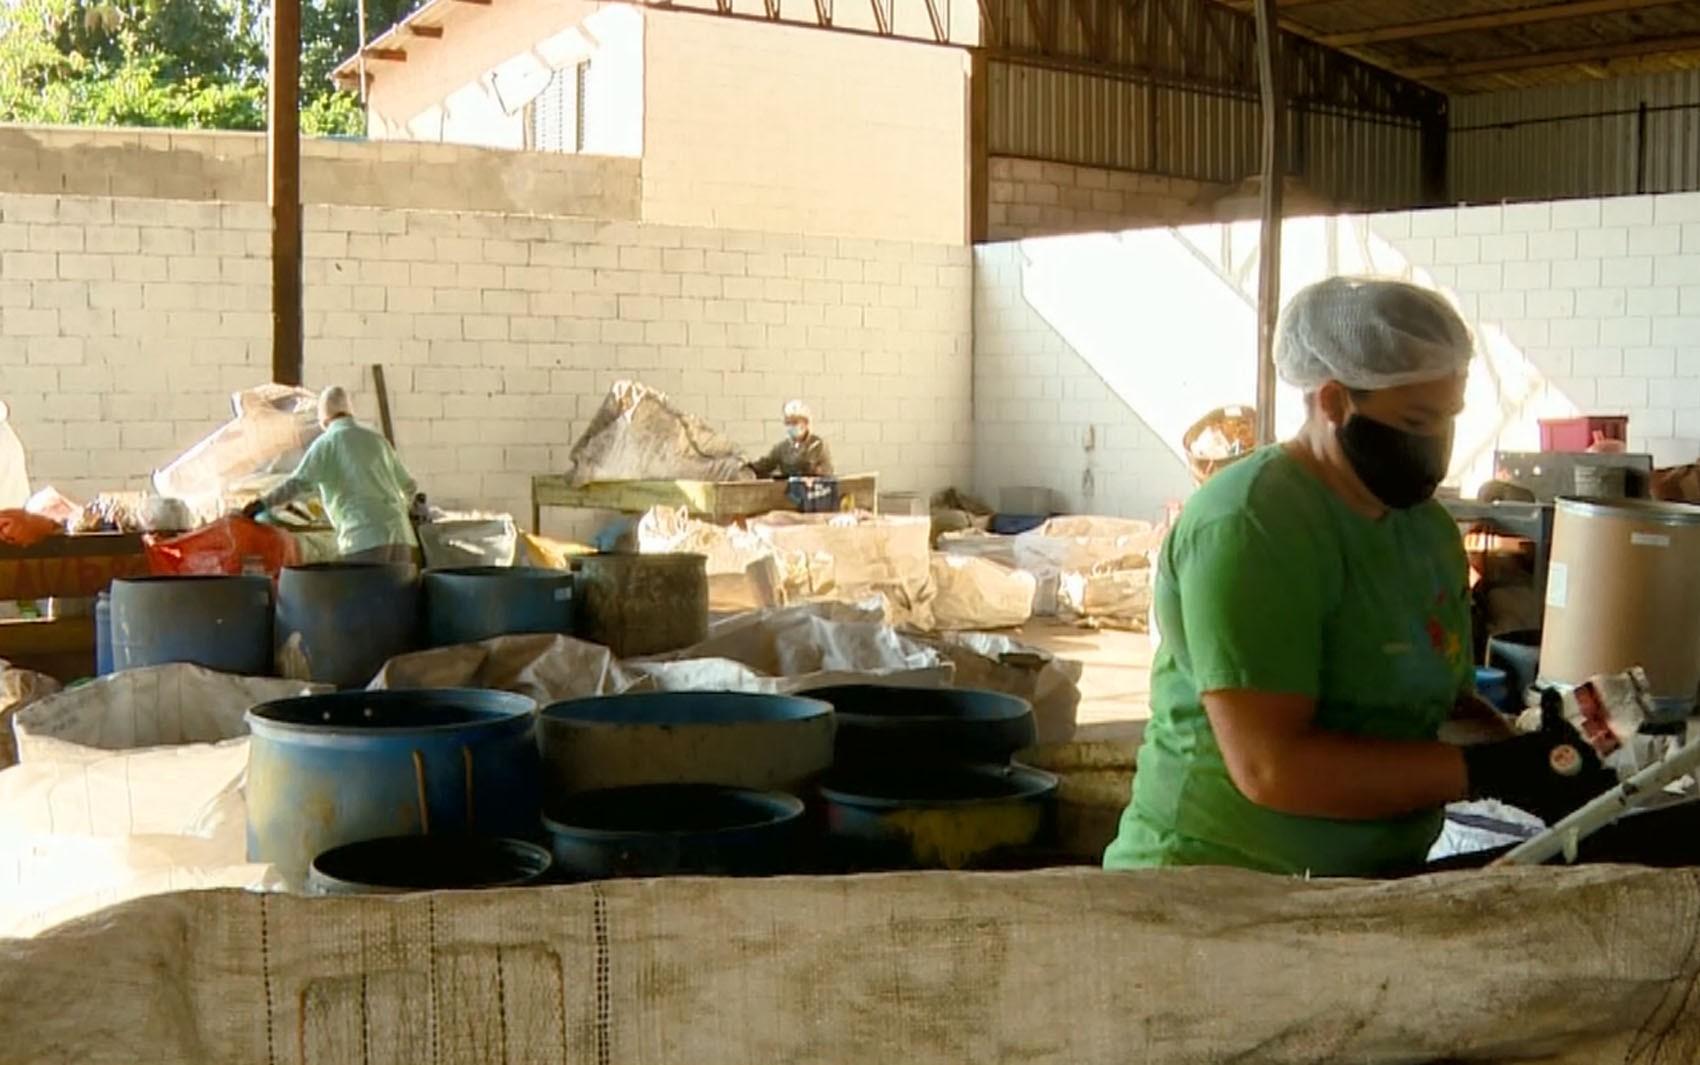 Covid-19: trabalhadores da coleta seletiva retomam separação de recicláveis após 6 meses parados em Campinas